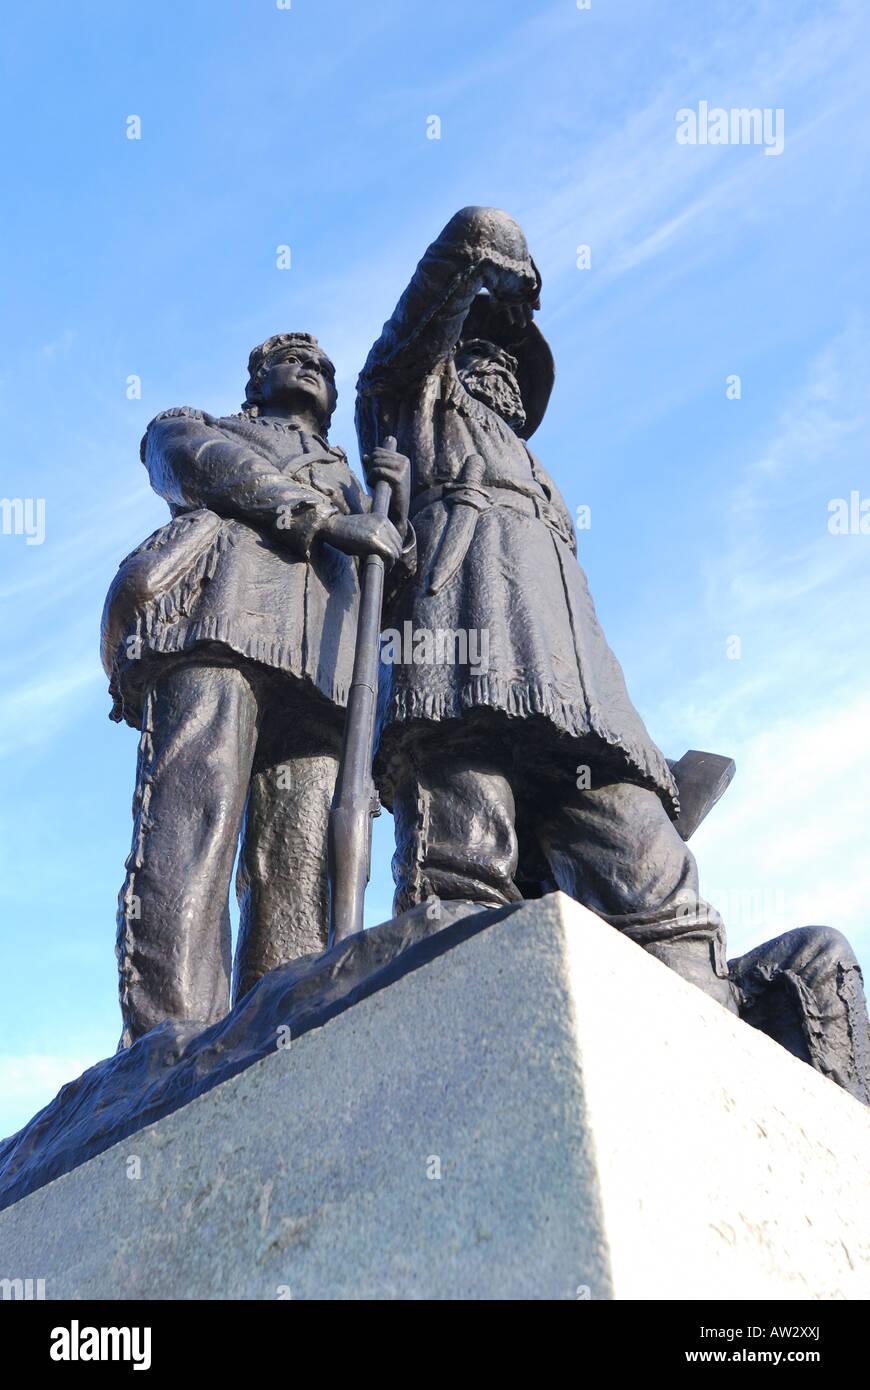 Soldado y guía indio estatua en los jardines del Capitolio del Estado de Iowa Des Moines, Iowa Foto de stock